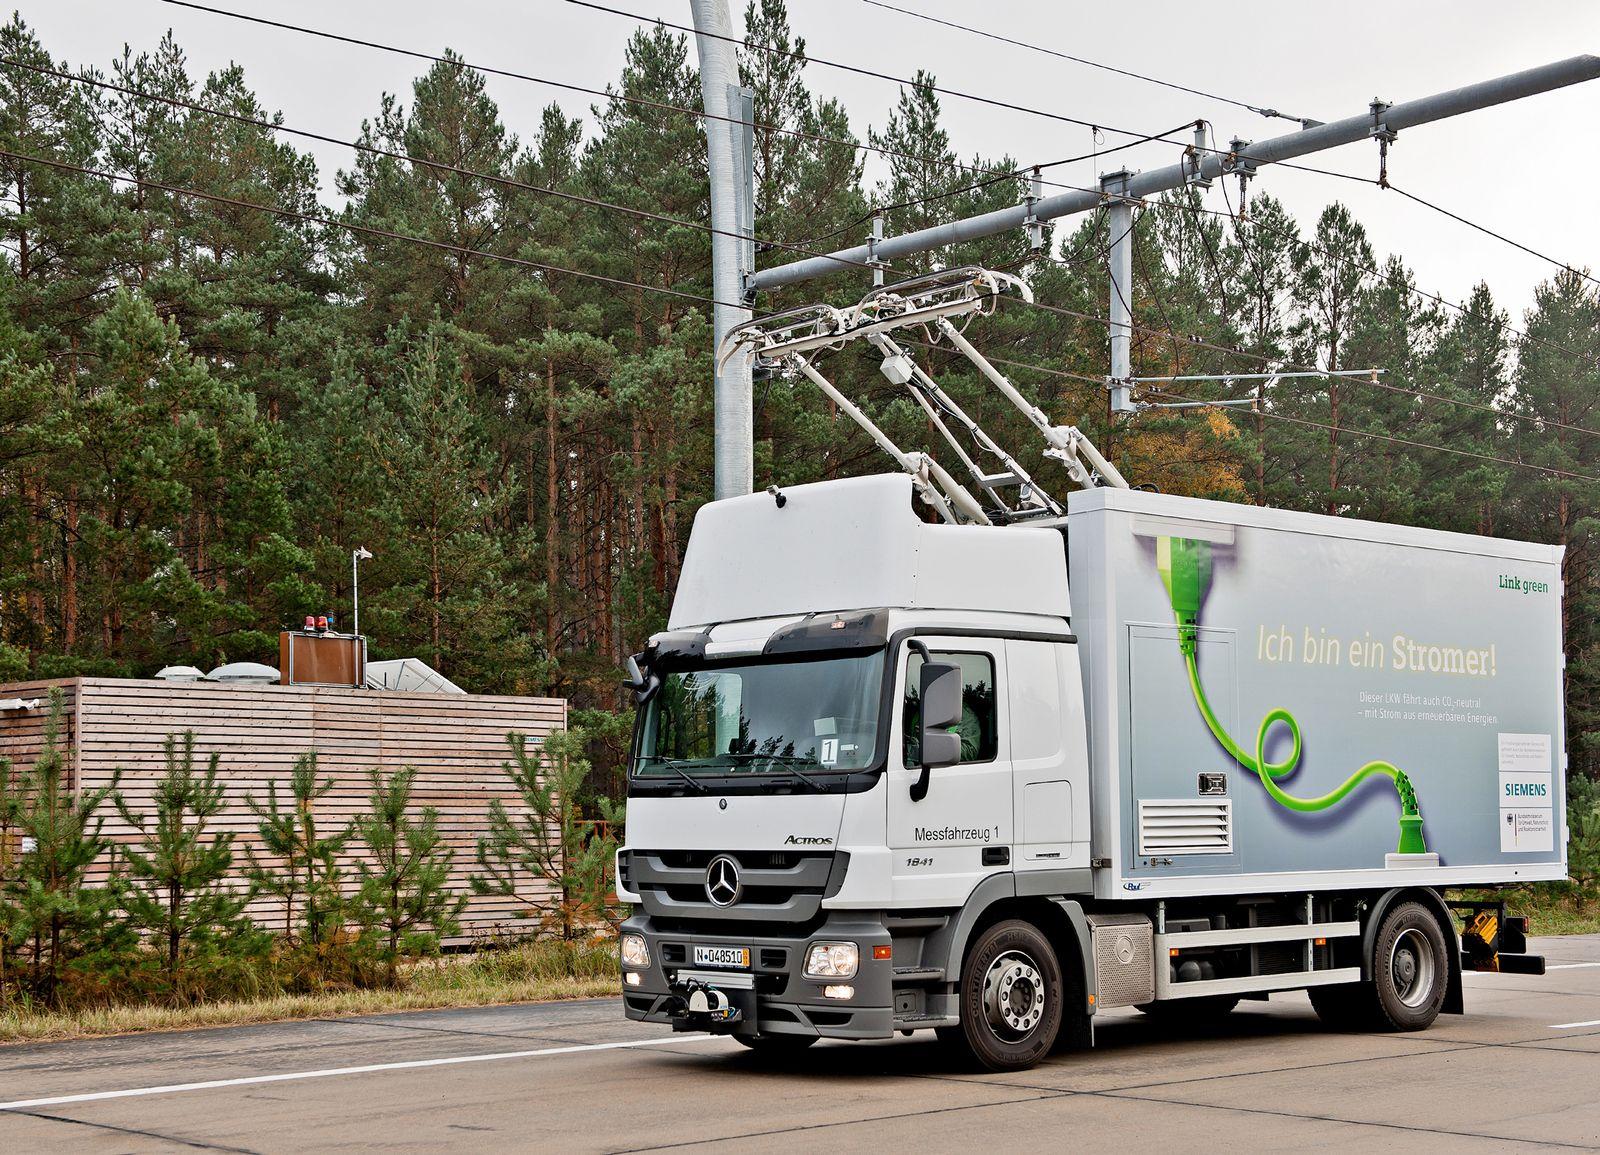 Siemens / Lkw mit Oberleitung / elektrische Autobahn in USA